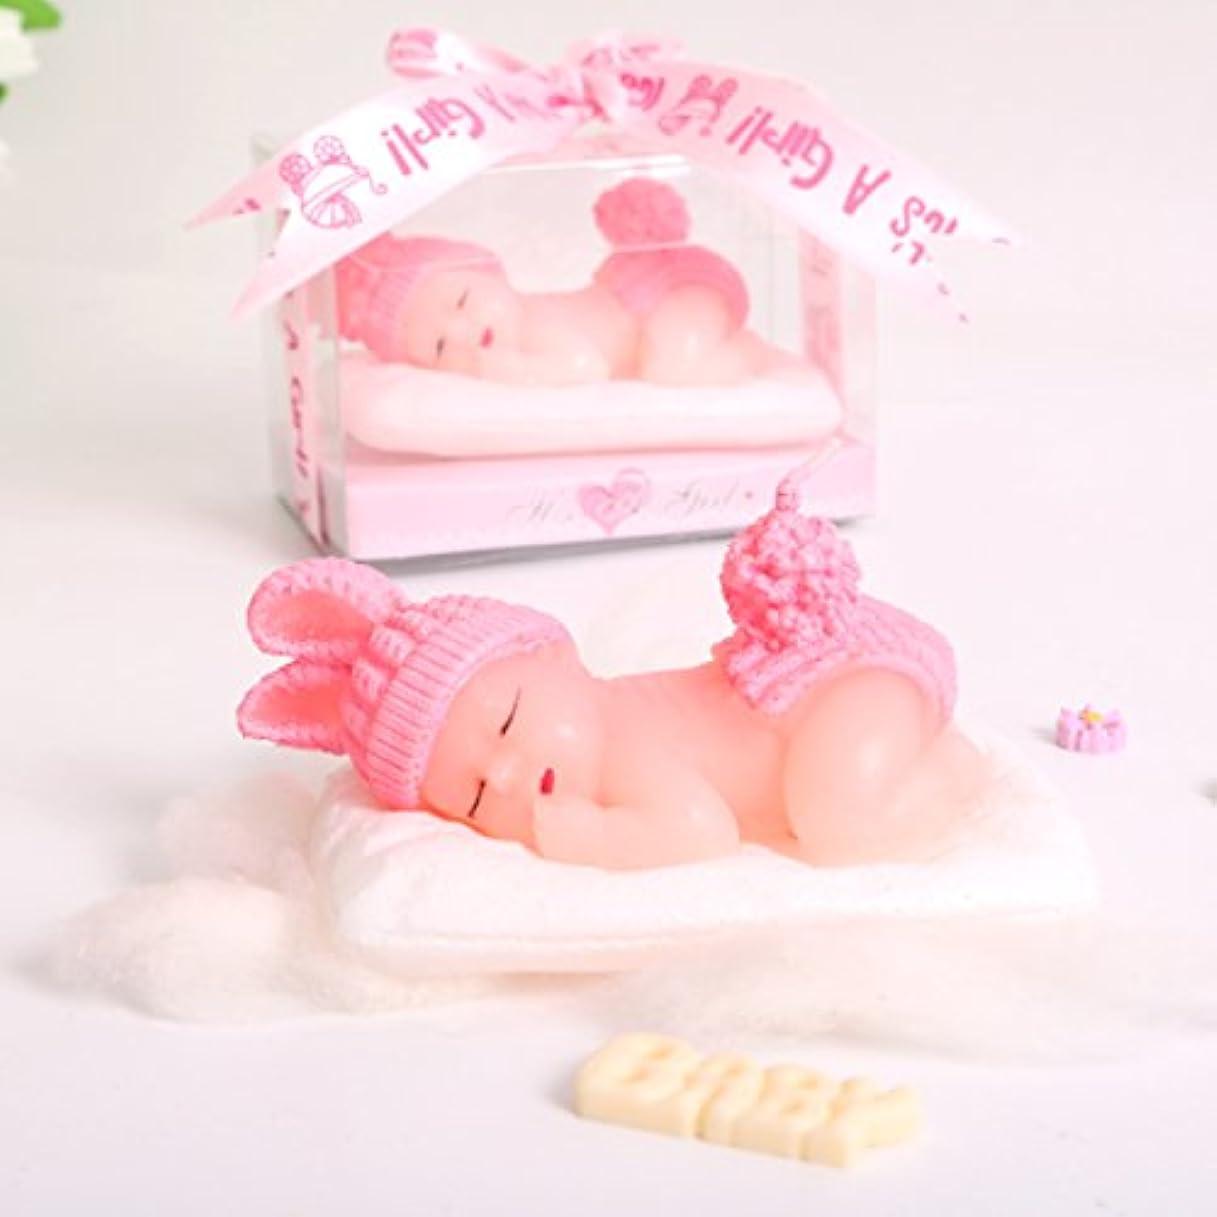 観点野心応用(1 Pack, It's a Girl) - Adorable Mini Baby Birthday Candle Christening Baby Shower Favours Attached with Greeting Card (Pink) Cake Topper Party Decoration